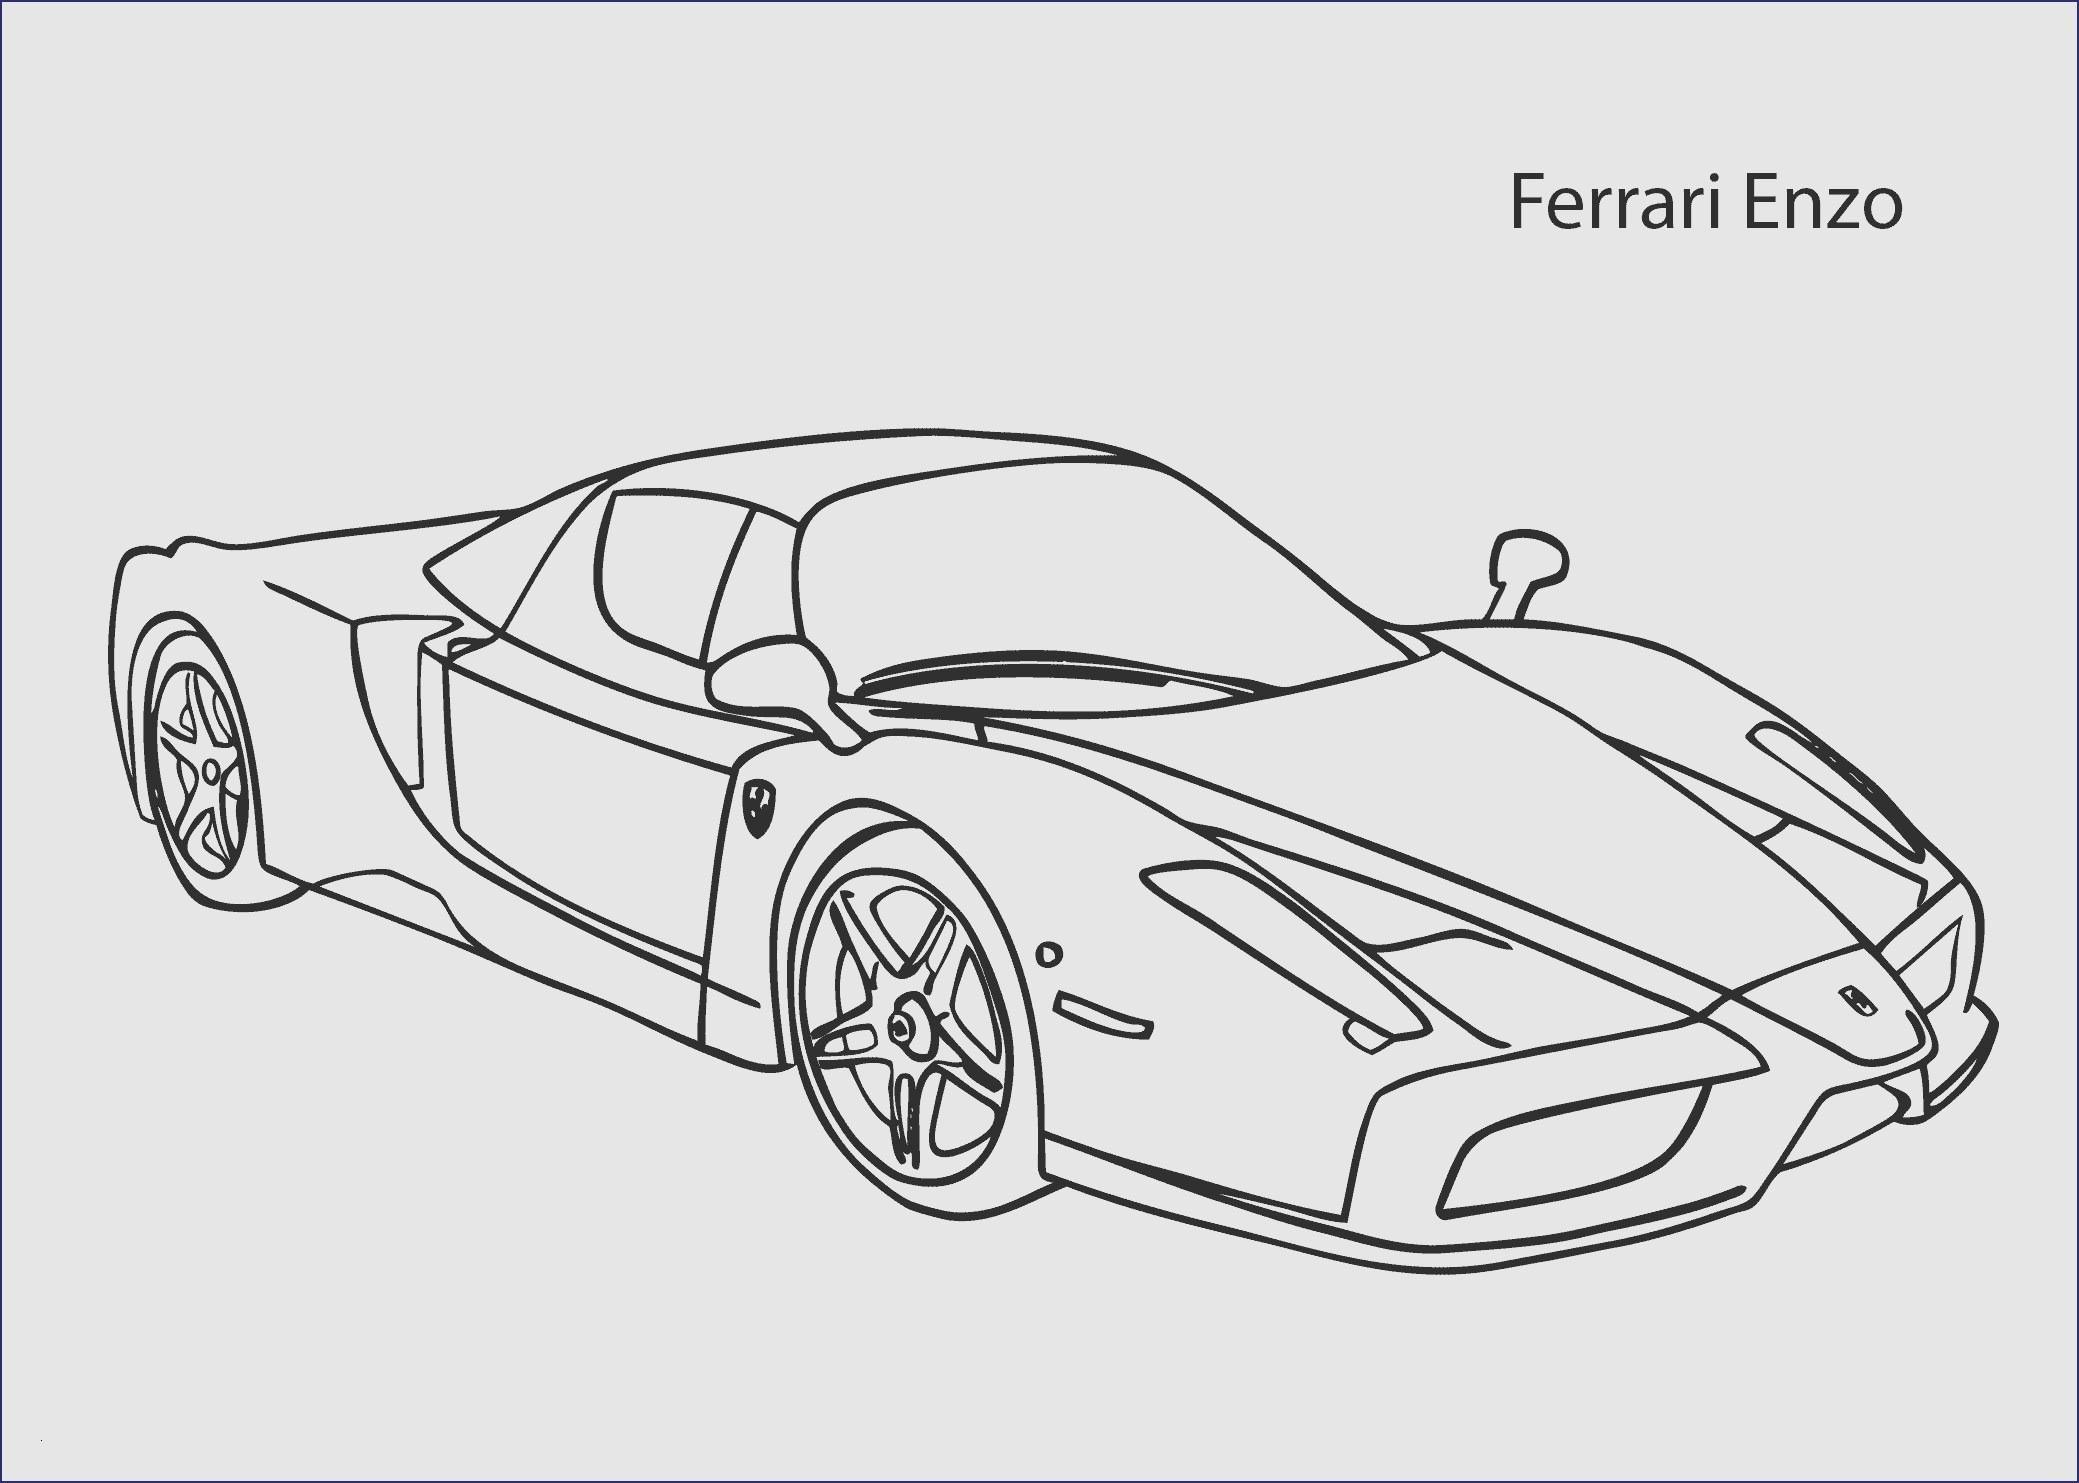 Ferrari Zum Ausmalen Inspirierend Kostenlose Ausmalbilder Fasching Genial Malvorlagen Einzigartig Bild